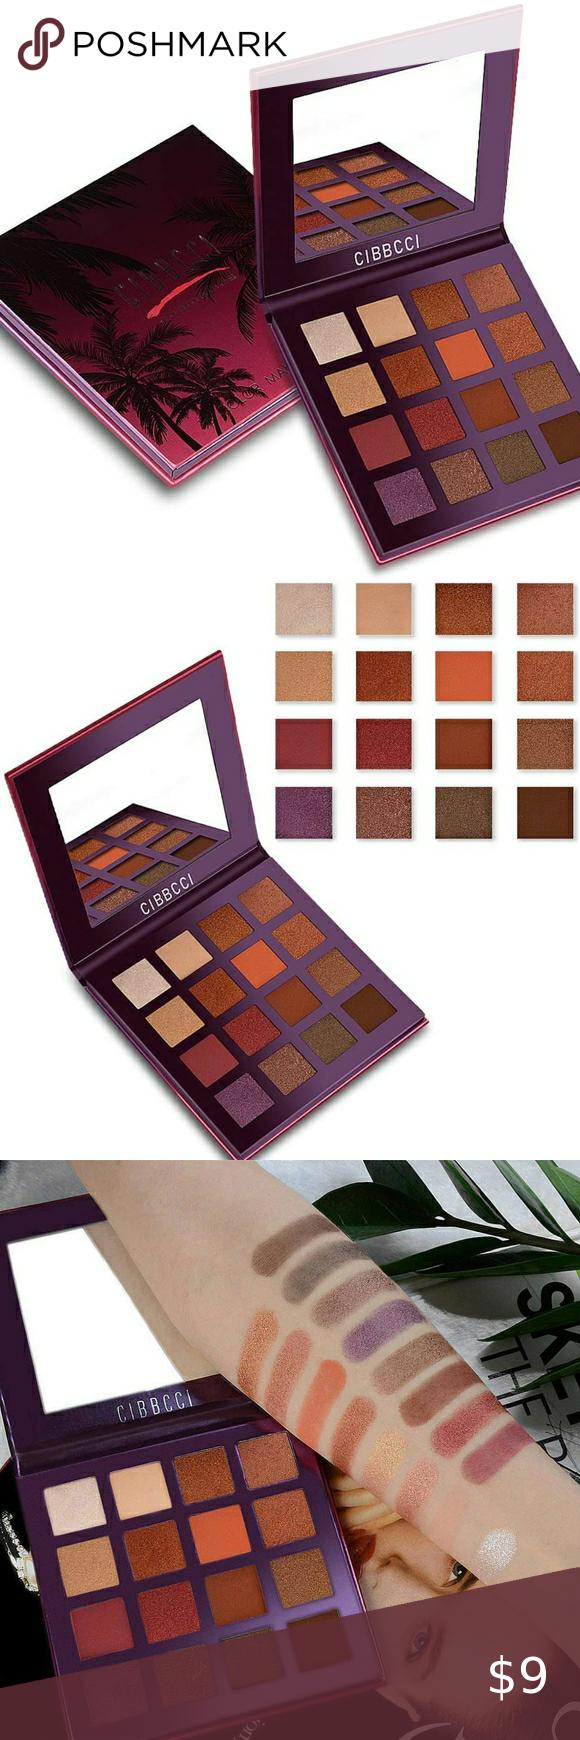 3 20 Eyeshadow Makeup Palette 16 Colors Eyeshadow Eyeshadow Makeup Makeup Palette